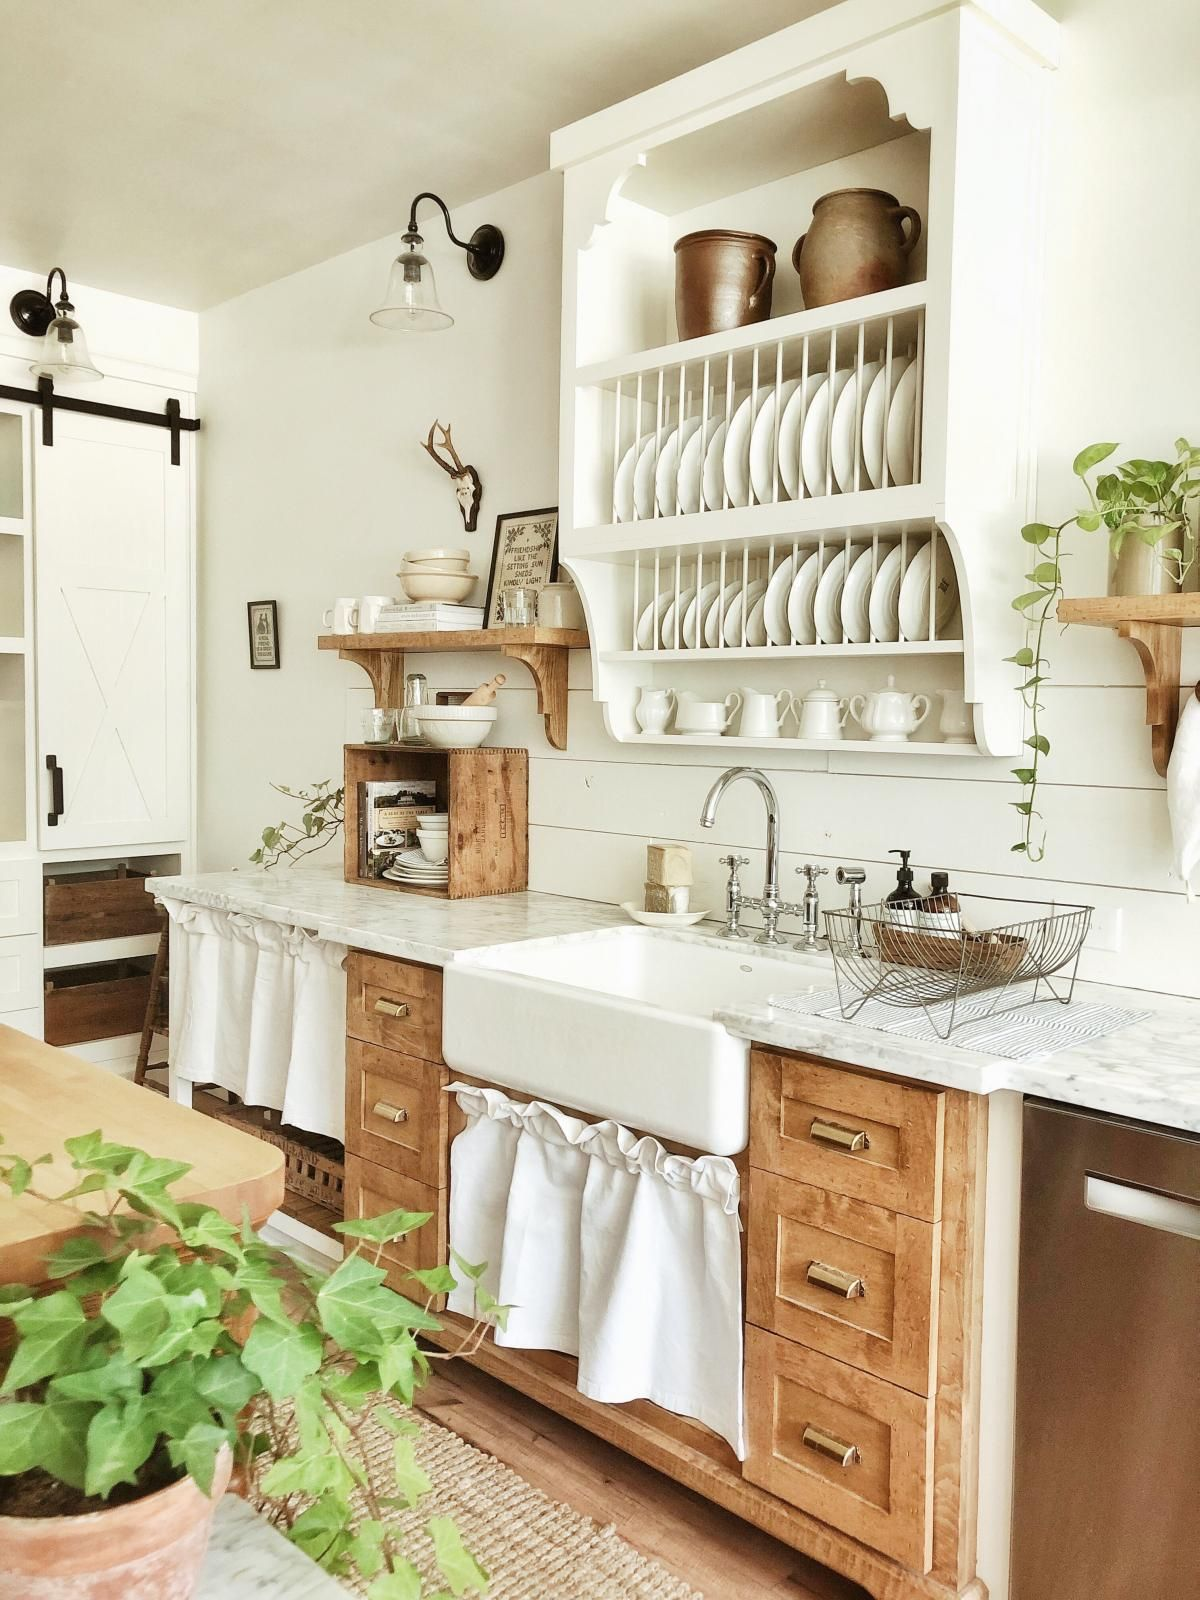 19 cuisines de style campagne chic  Idée déco cuisine, Cuisines